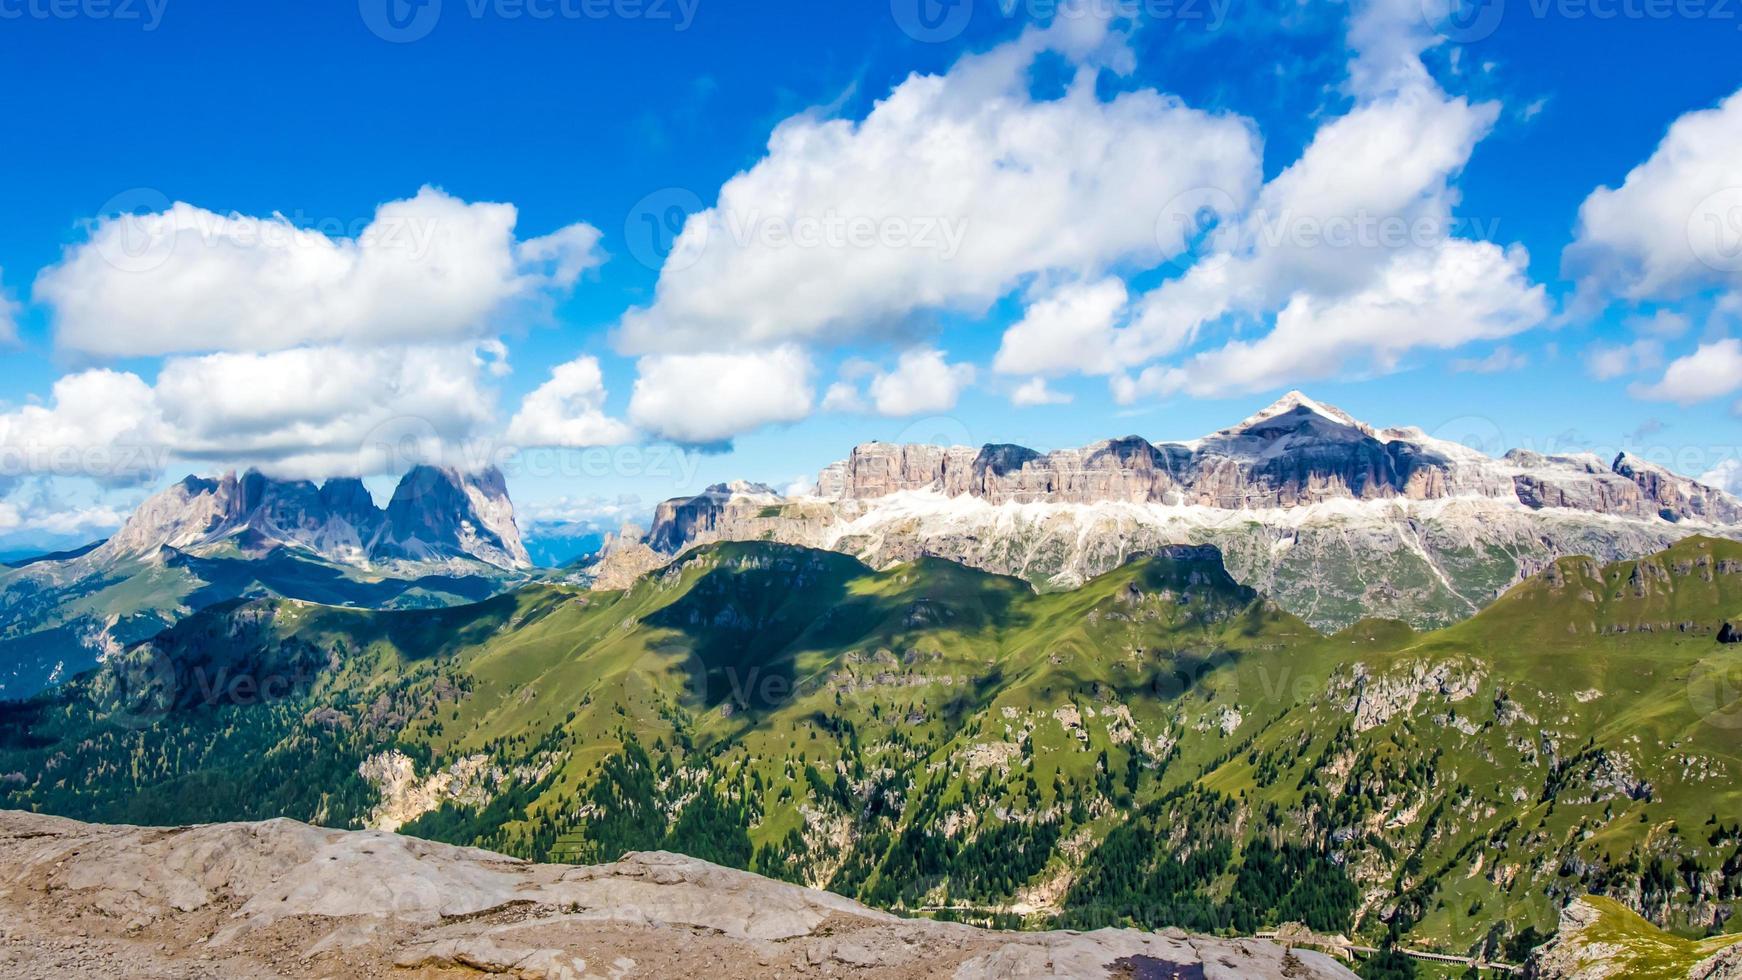 vista panorâmica dos grupos de sela e langkofel, dolomitas foto